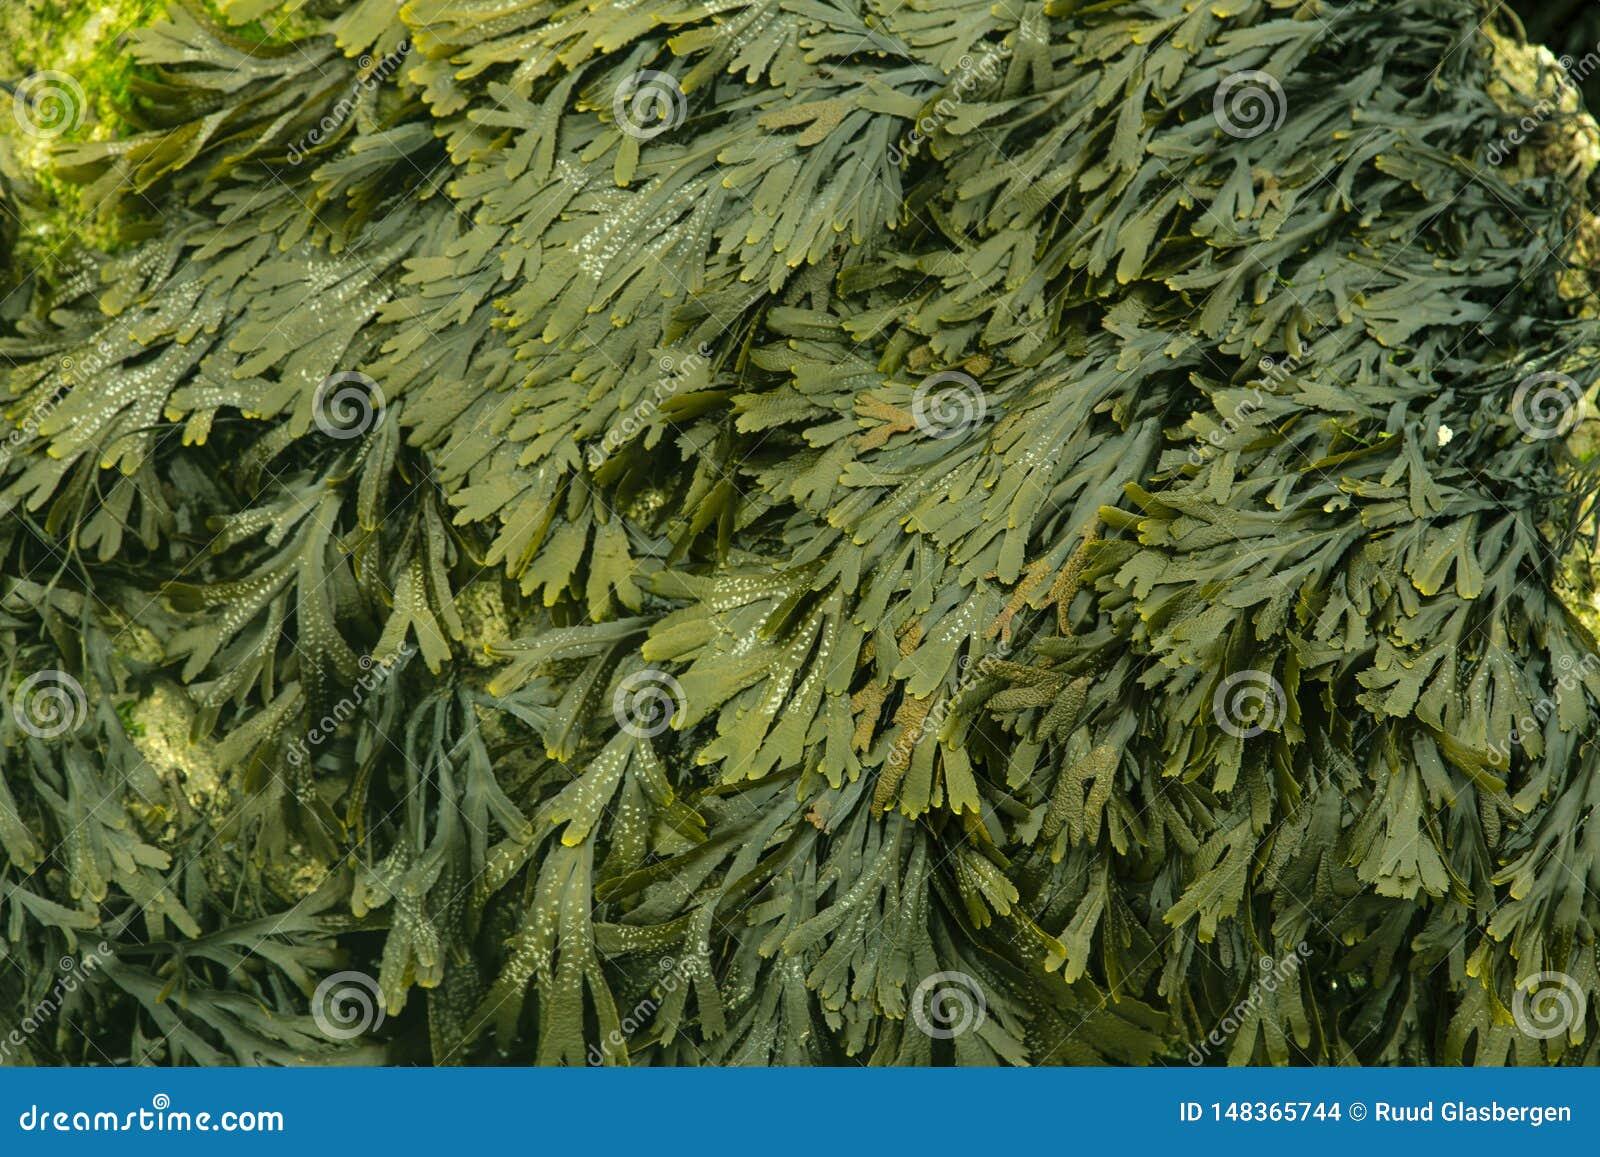 Alga, alimento sano del futuro